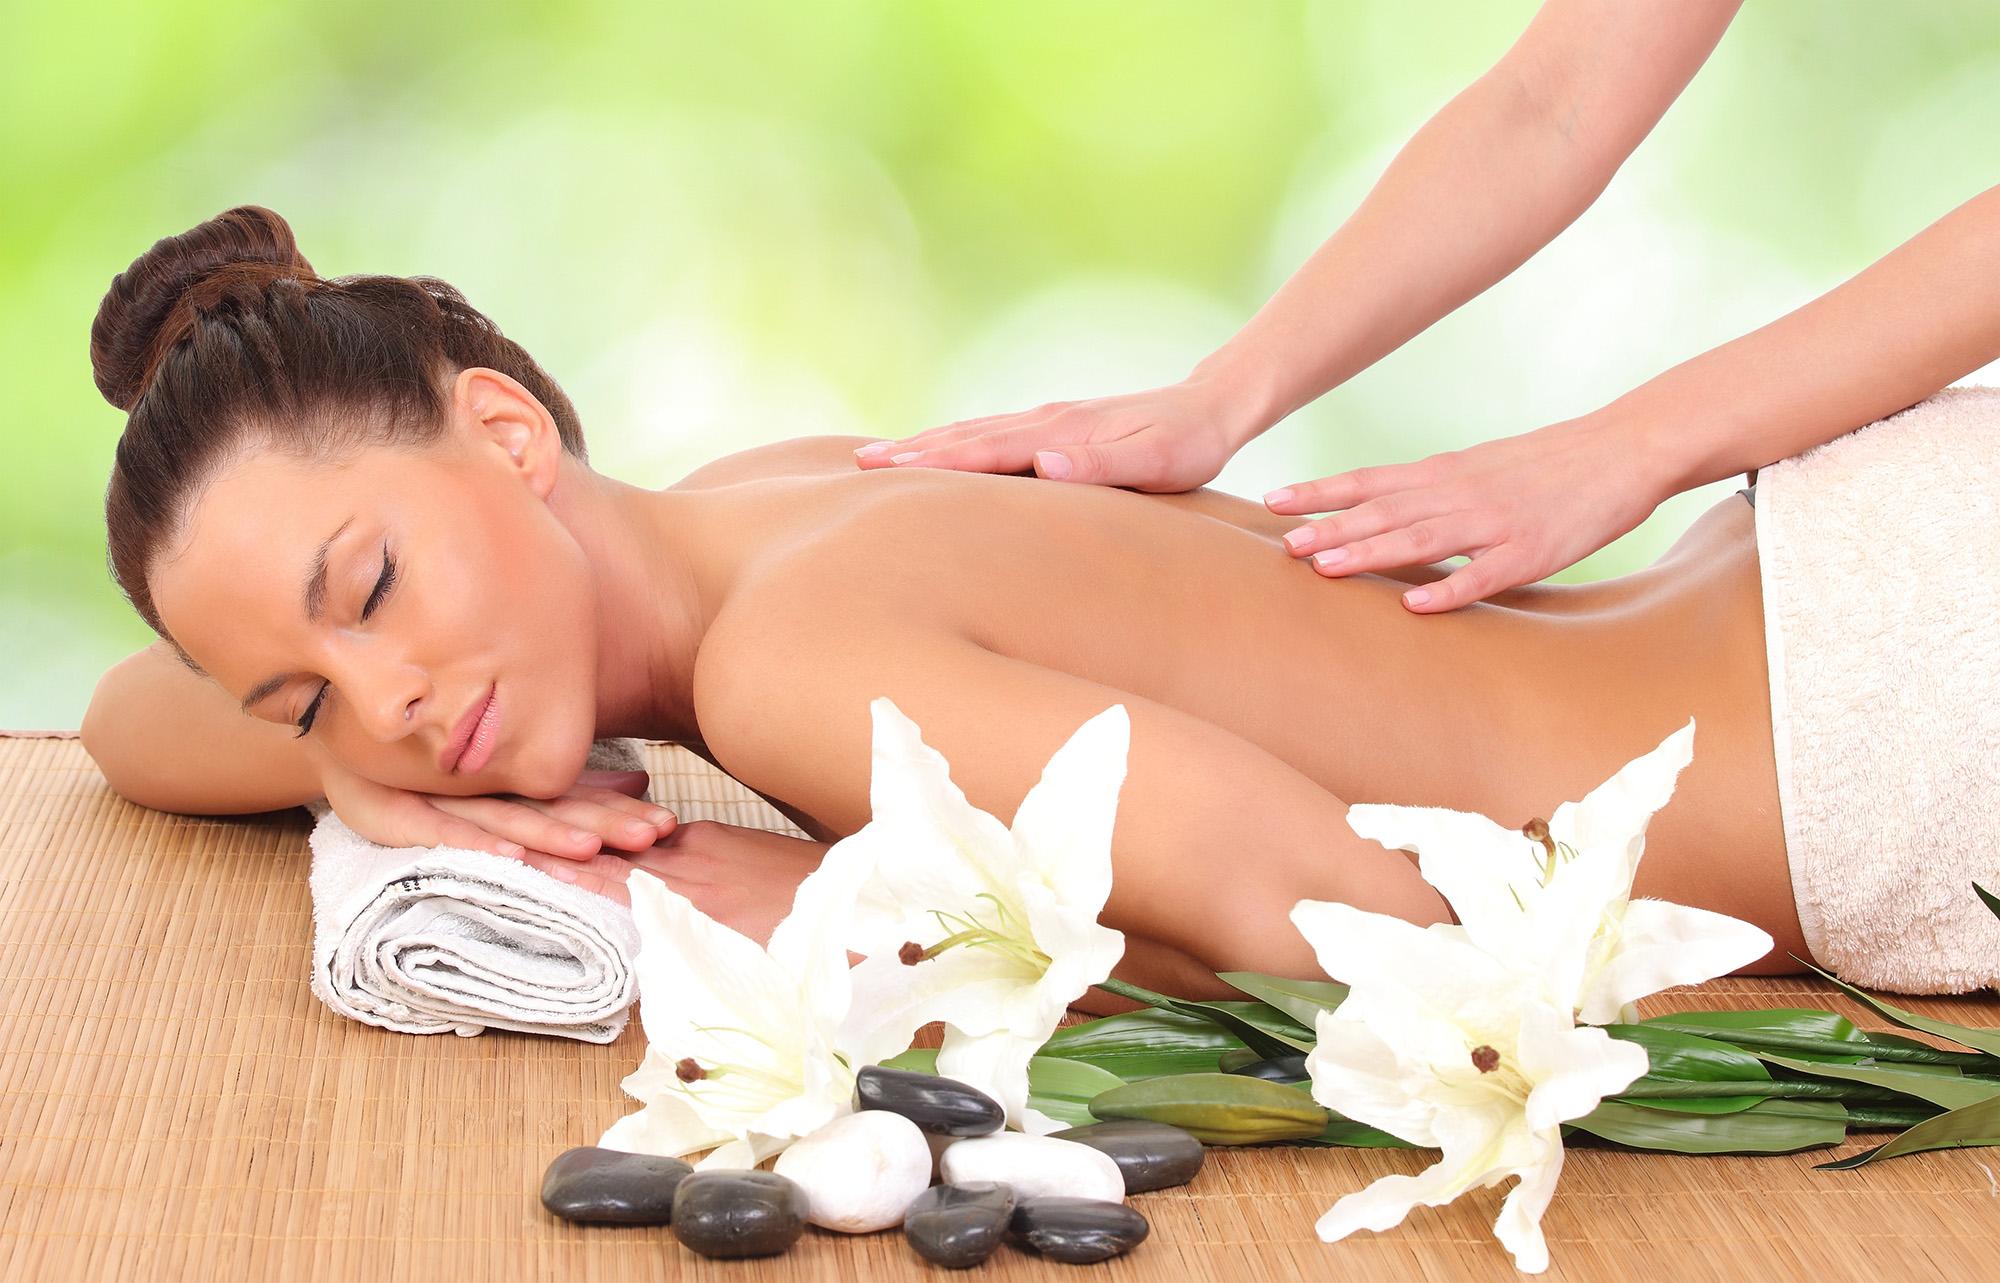 statia klassicheskii massazh